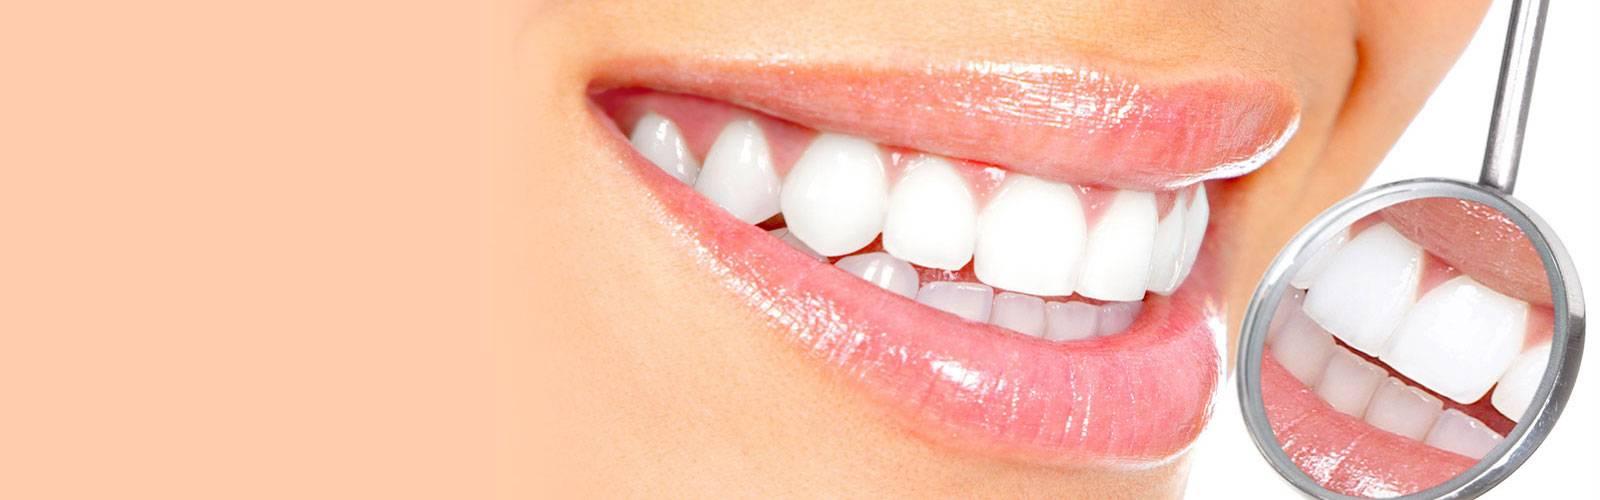 стоматология на варшавке